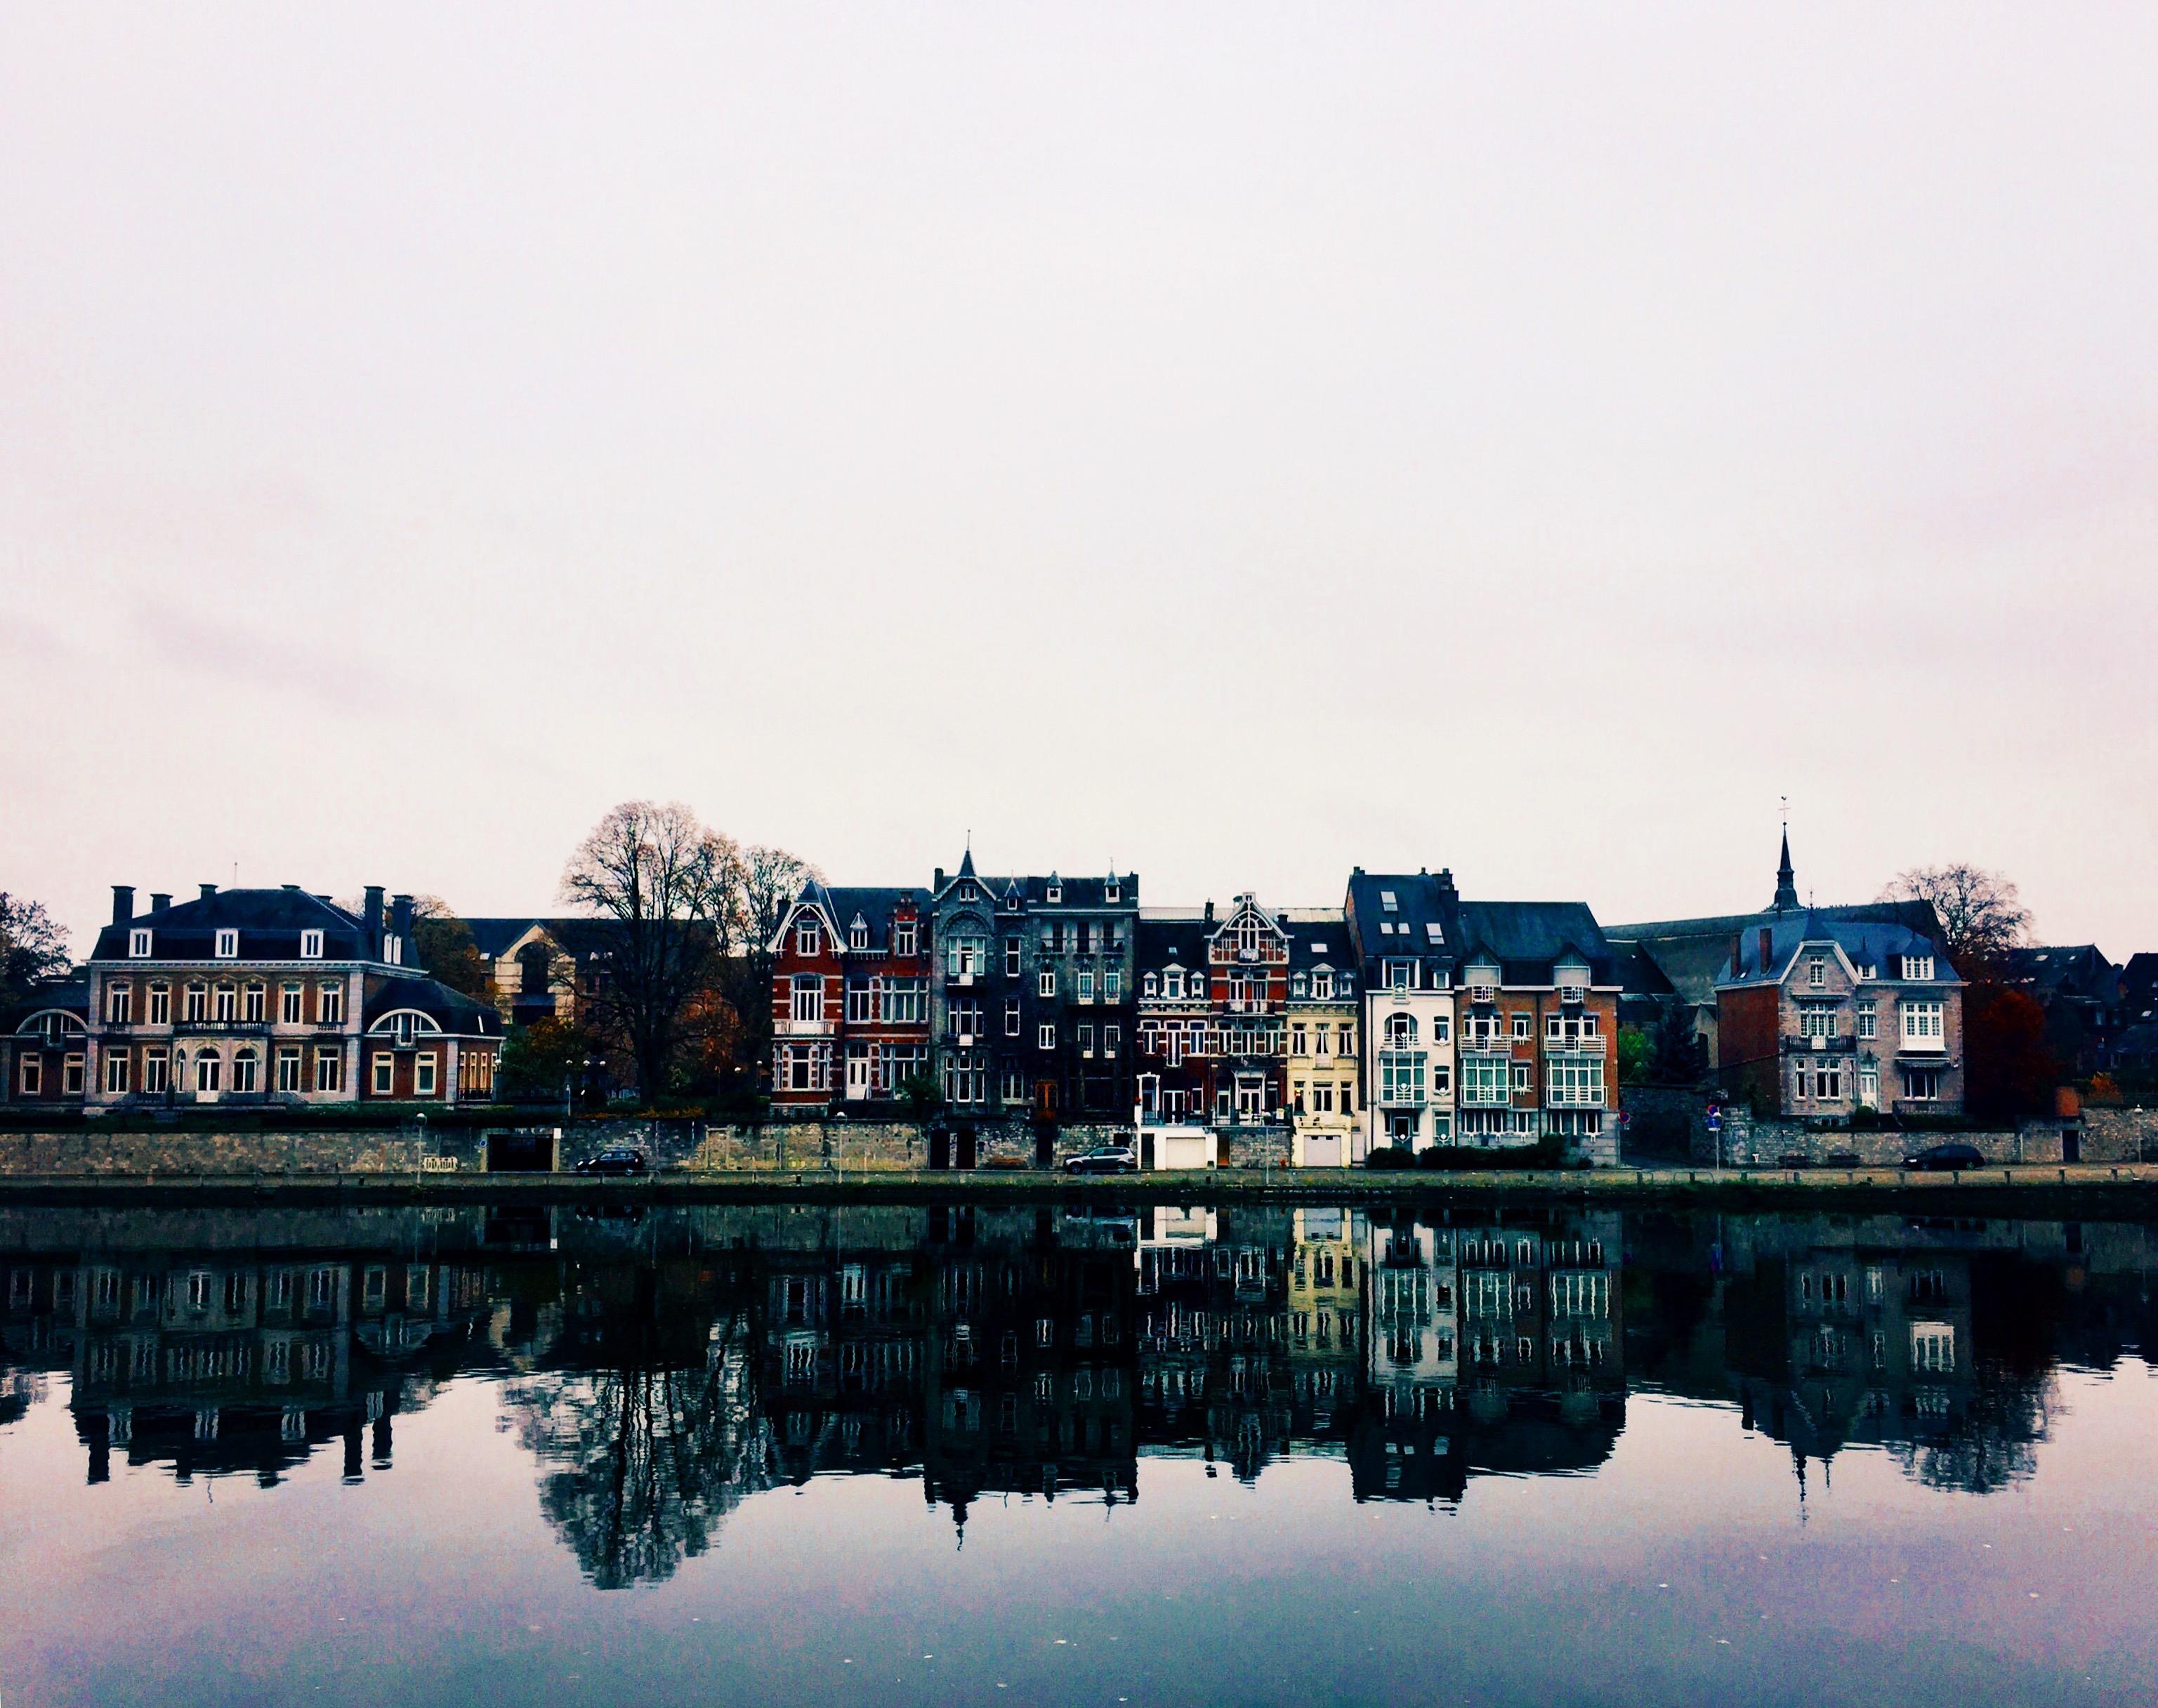 River Reflections in Belgium